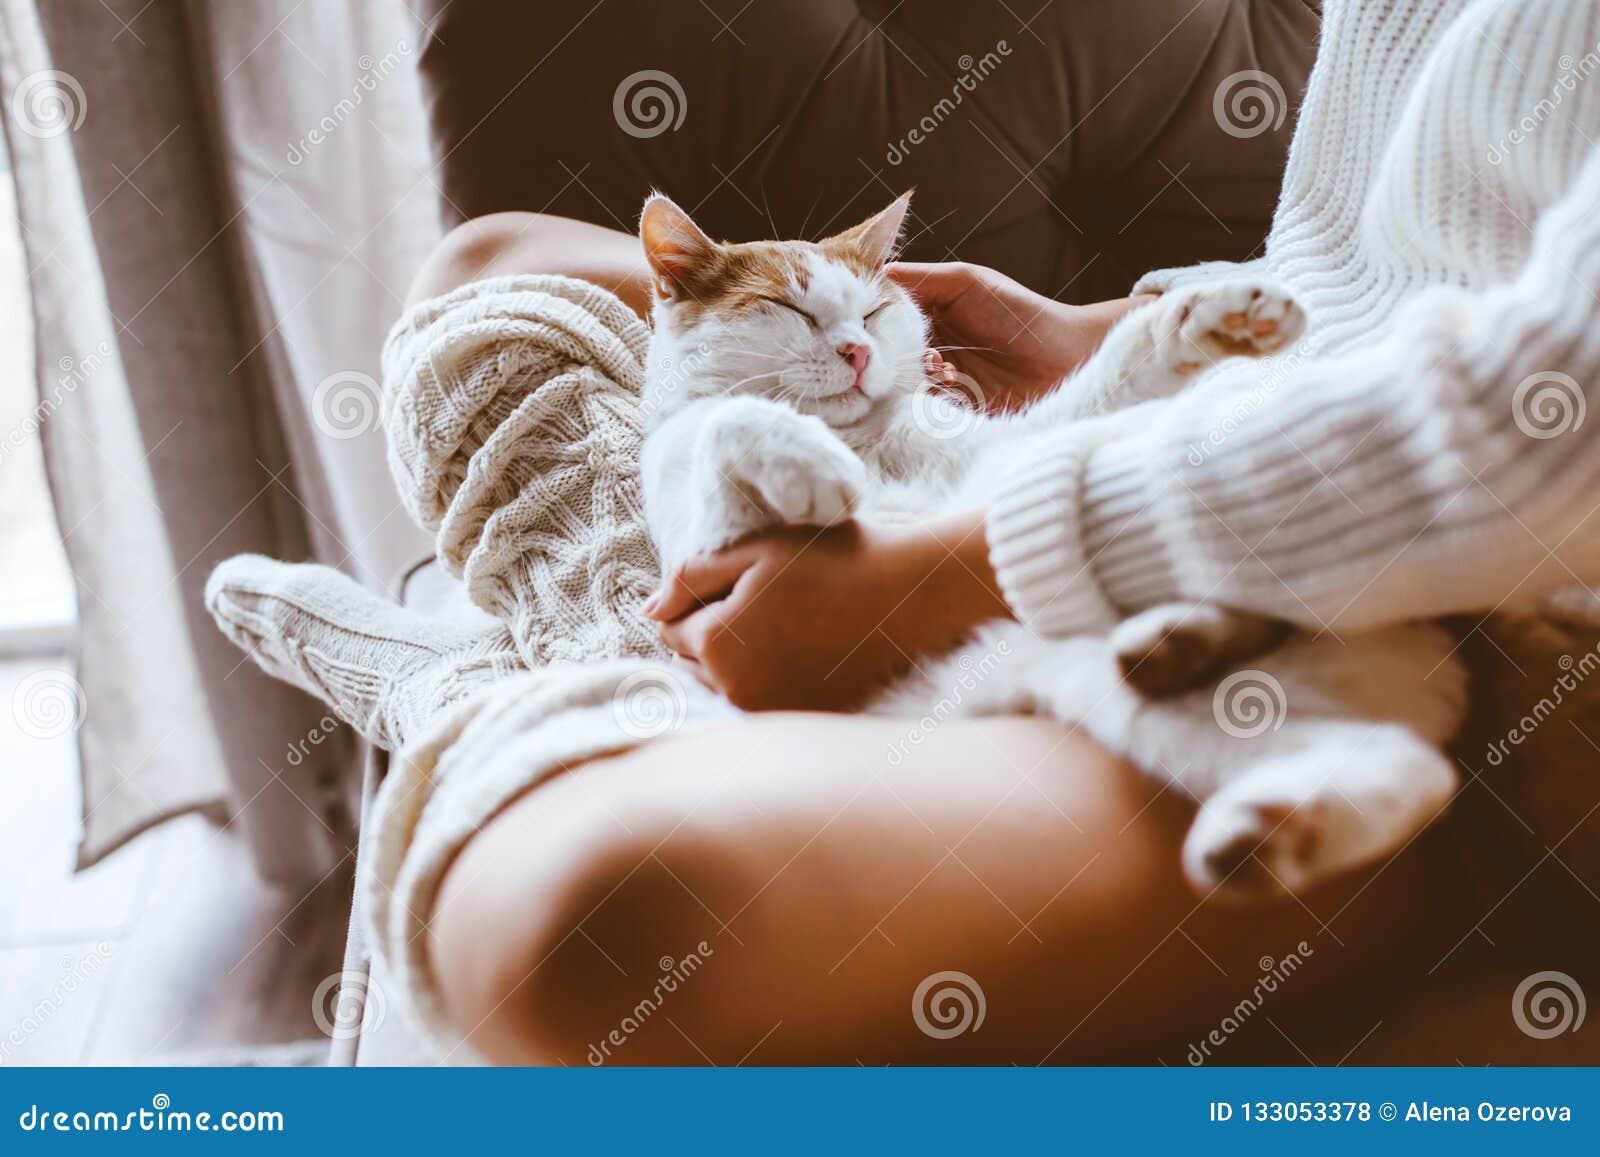 Flicka med katten som kopplar av på en soffa